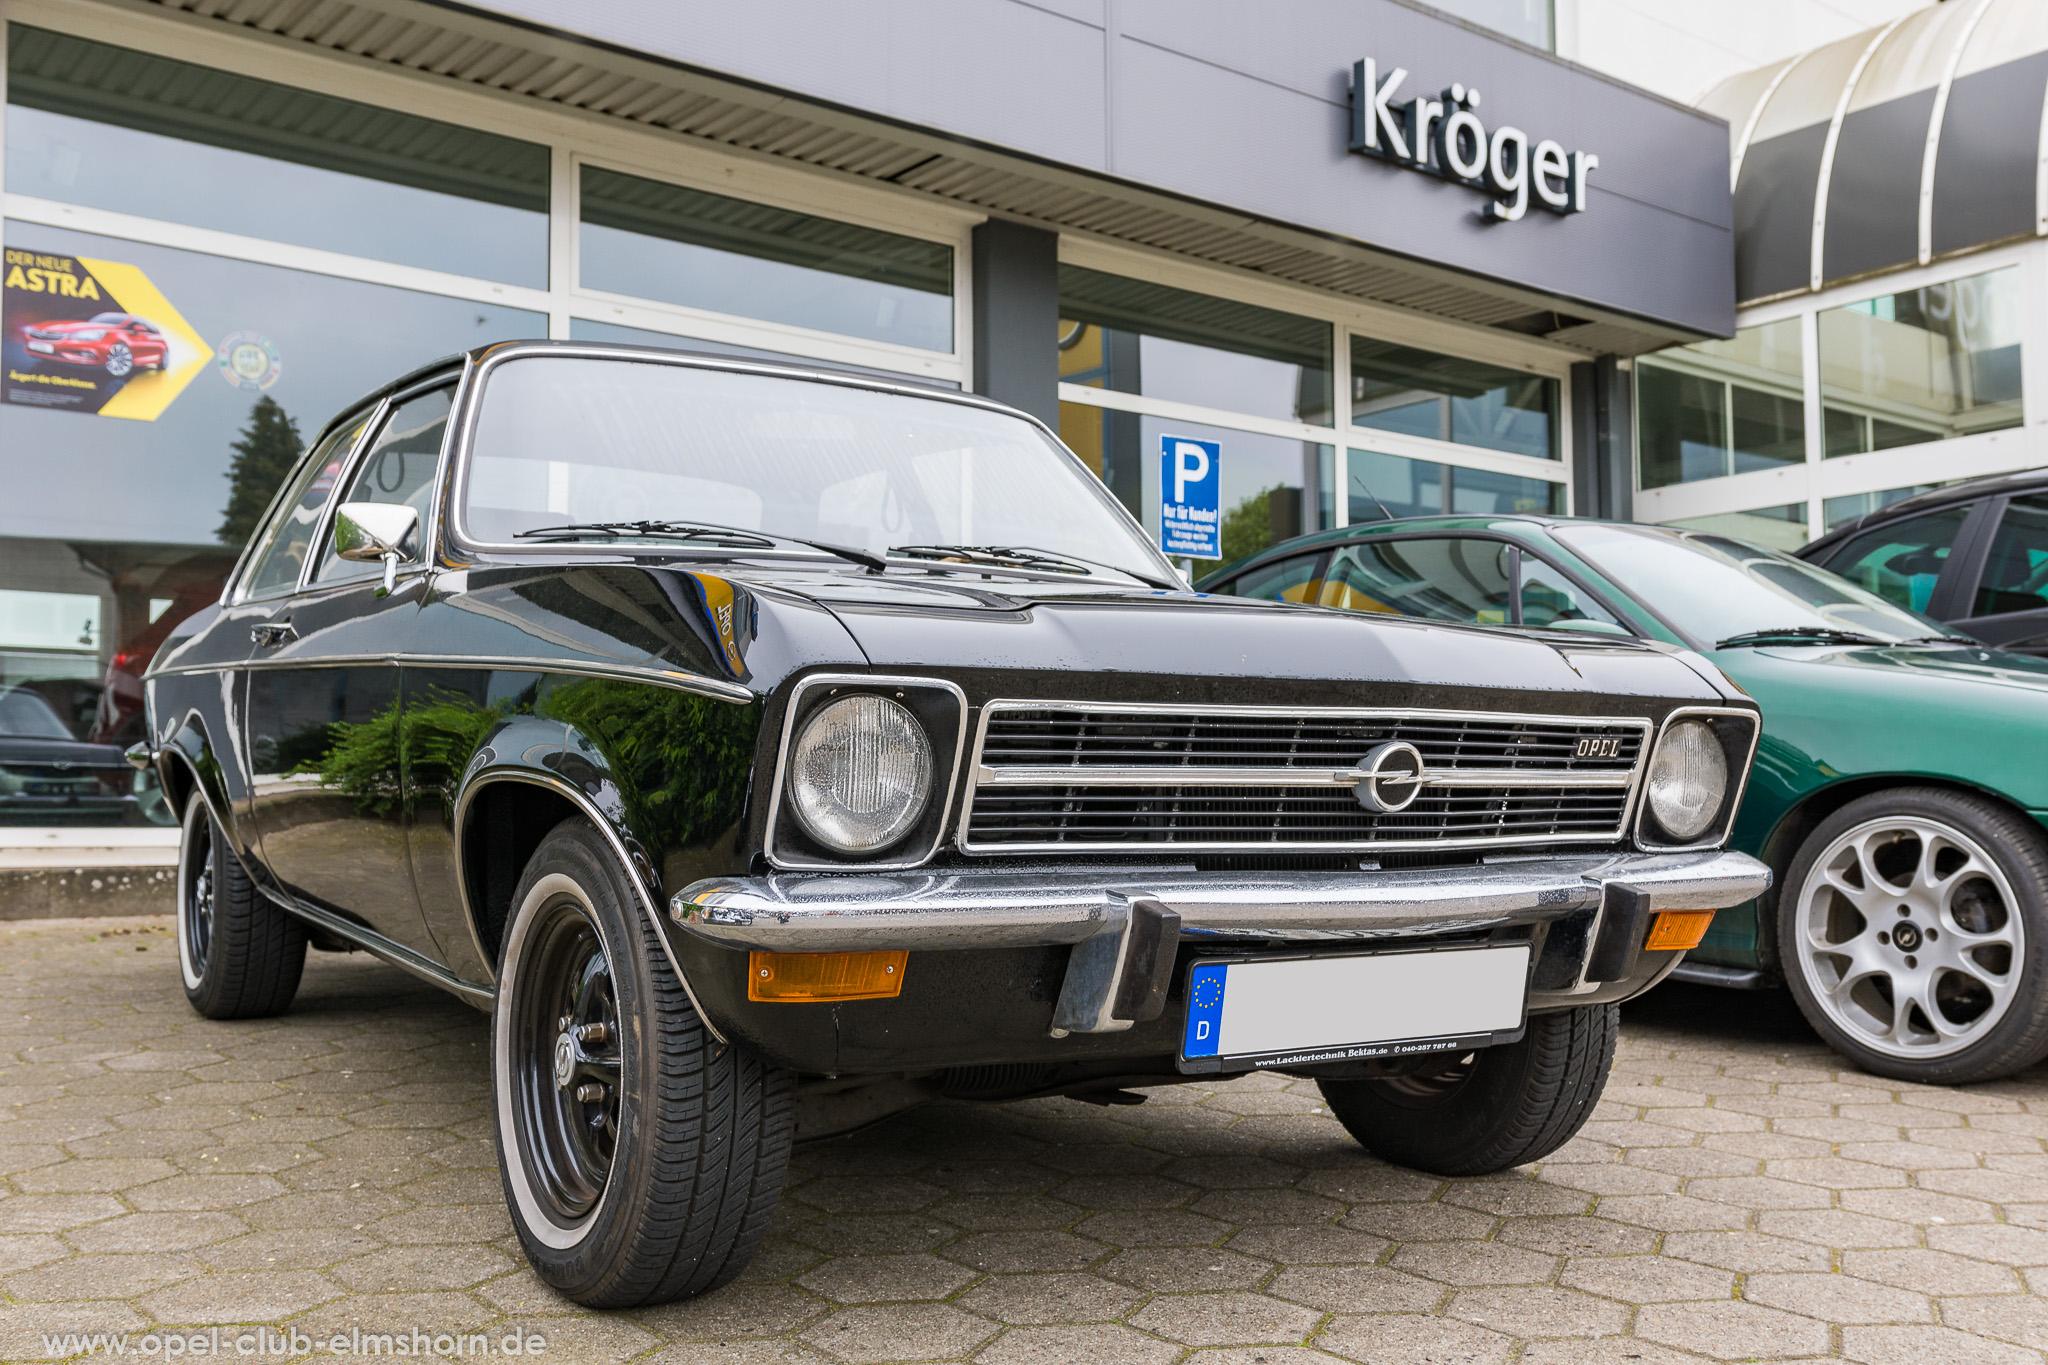 Altopeltreffen Wedel 2019 - 20190501_114354 - Opel Ascona A